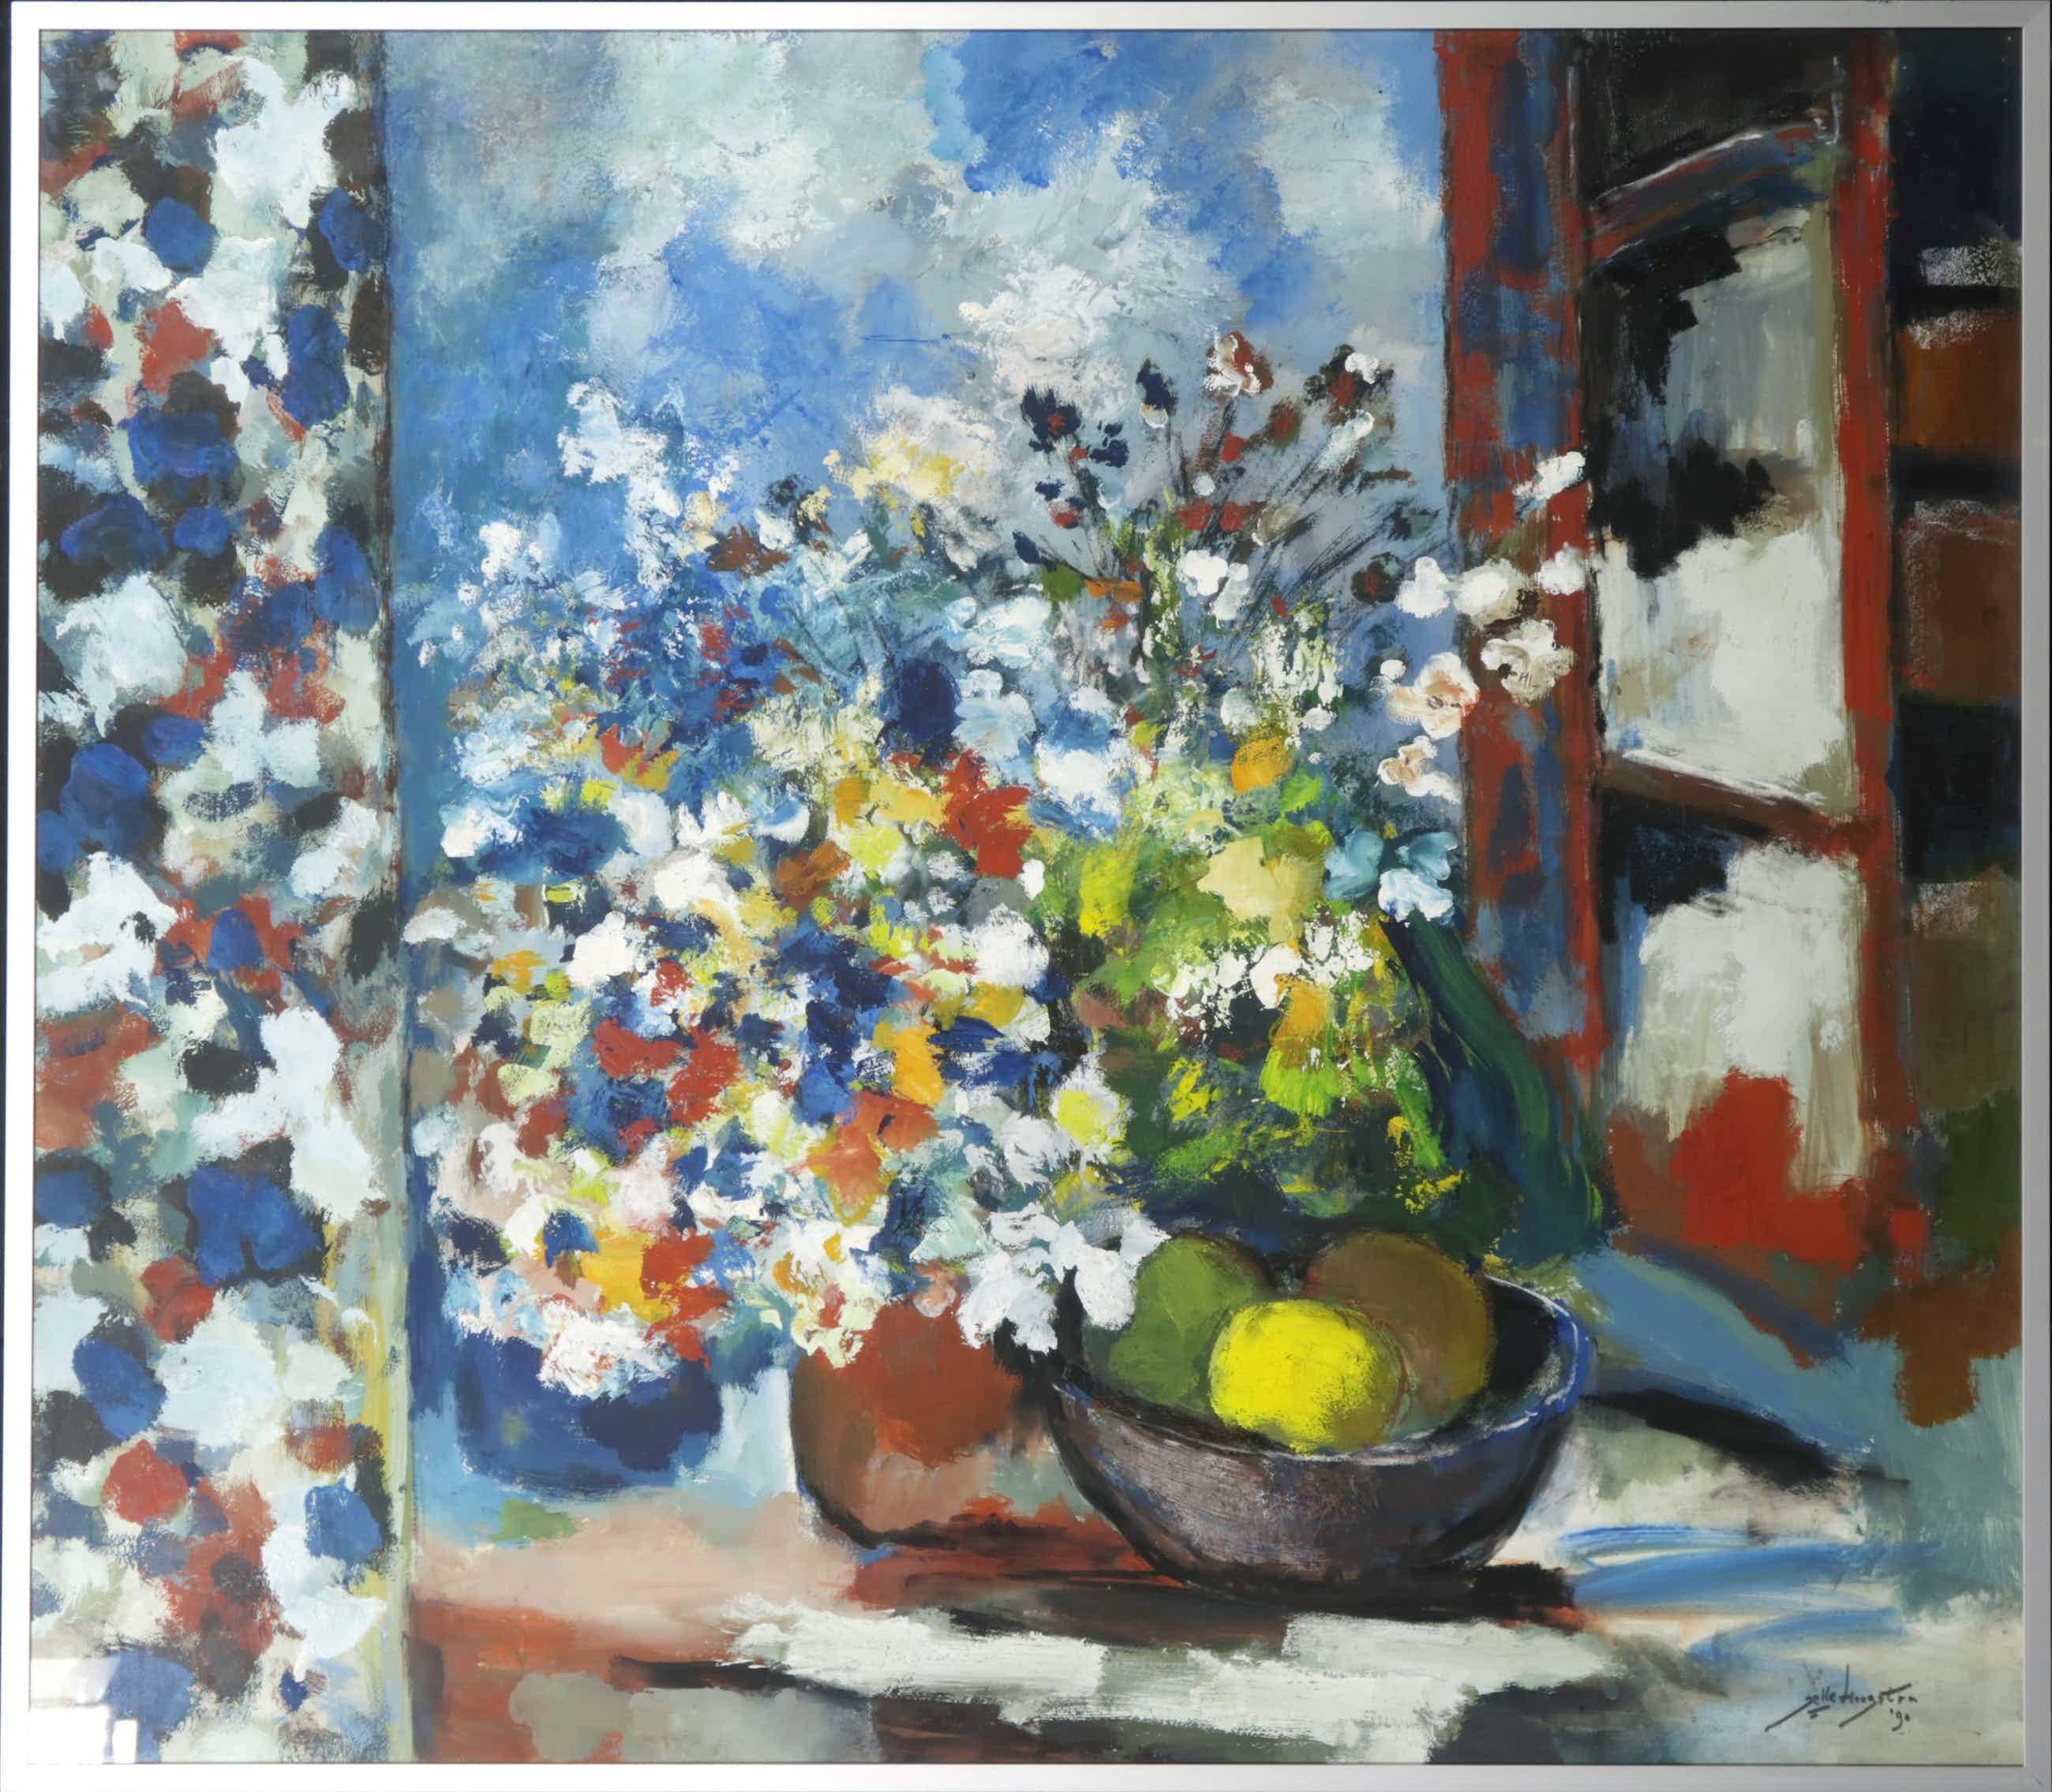 Jelle Hoogstra - Gouache op papier, Fruitschaal met bloemen - Ingelijst kopen? Bied vanaf 70!